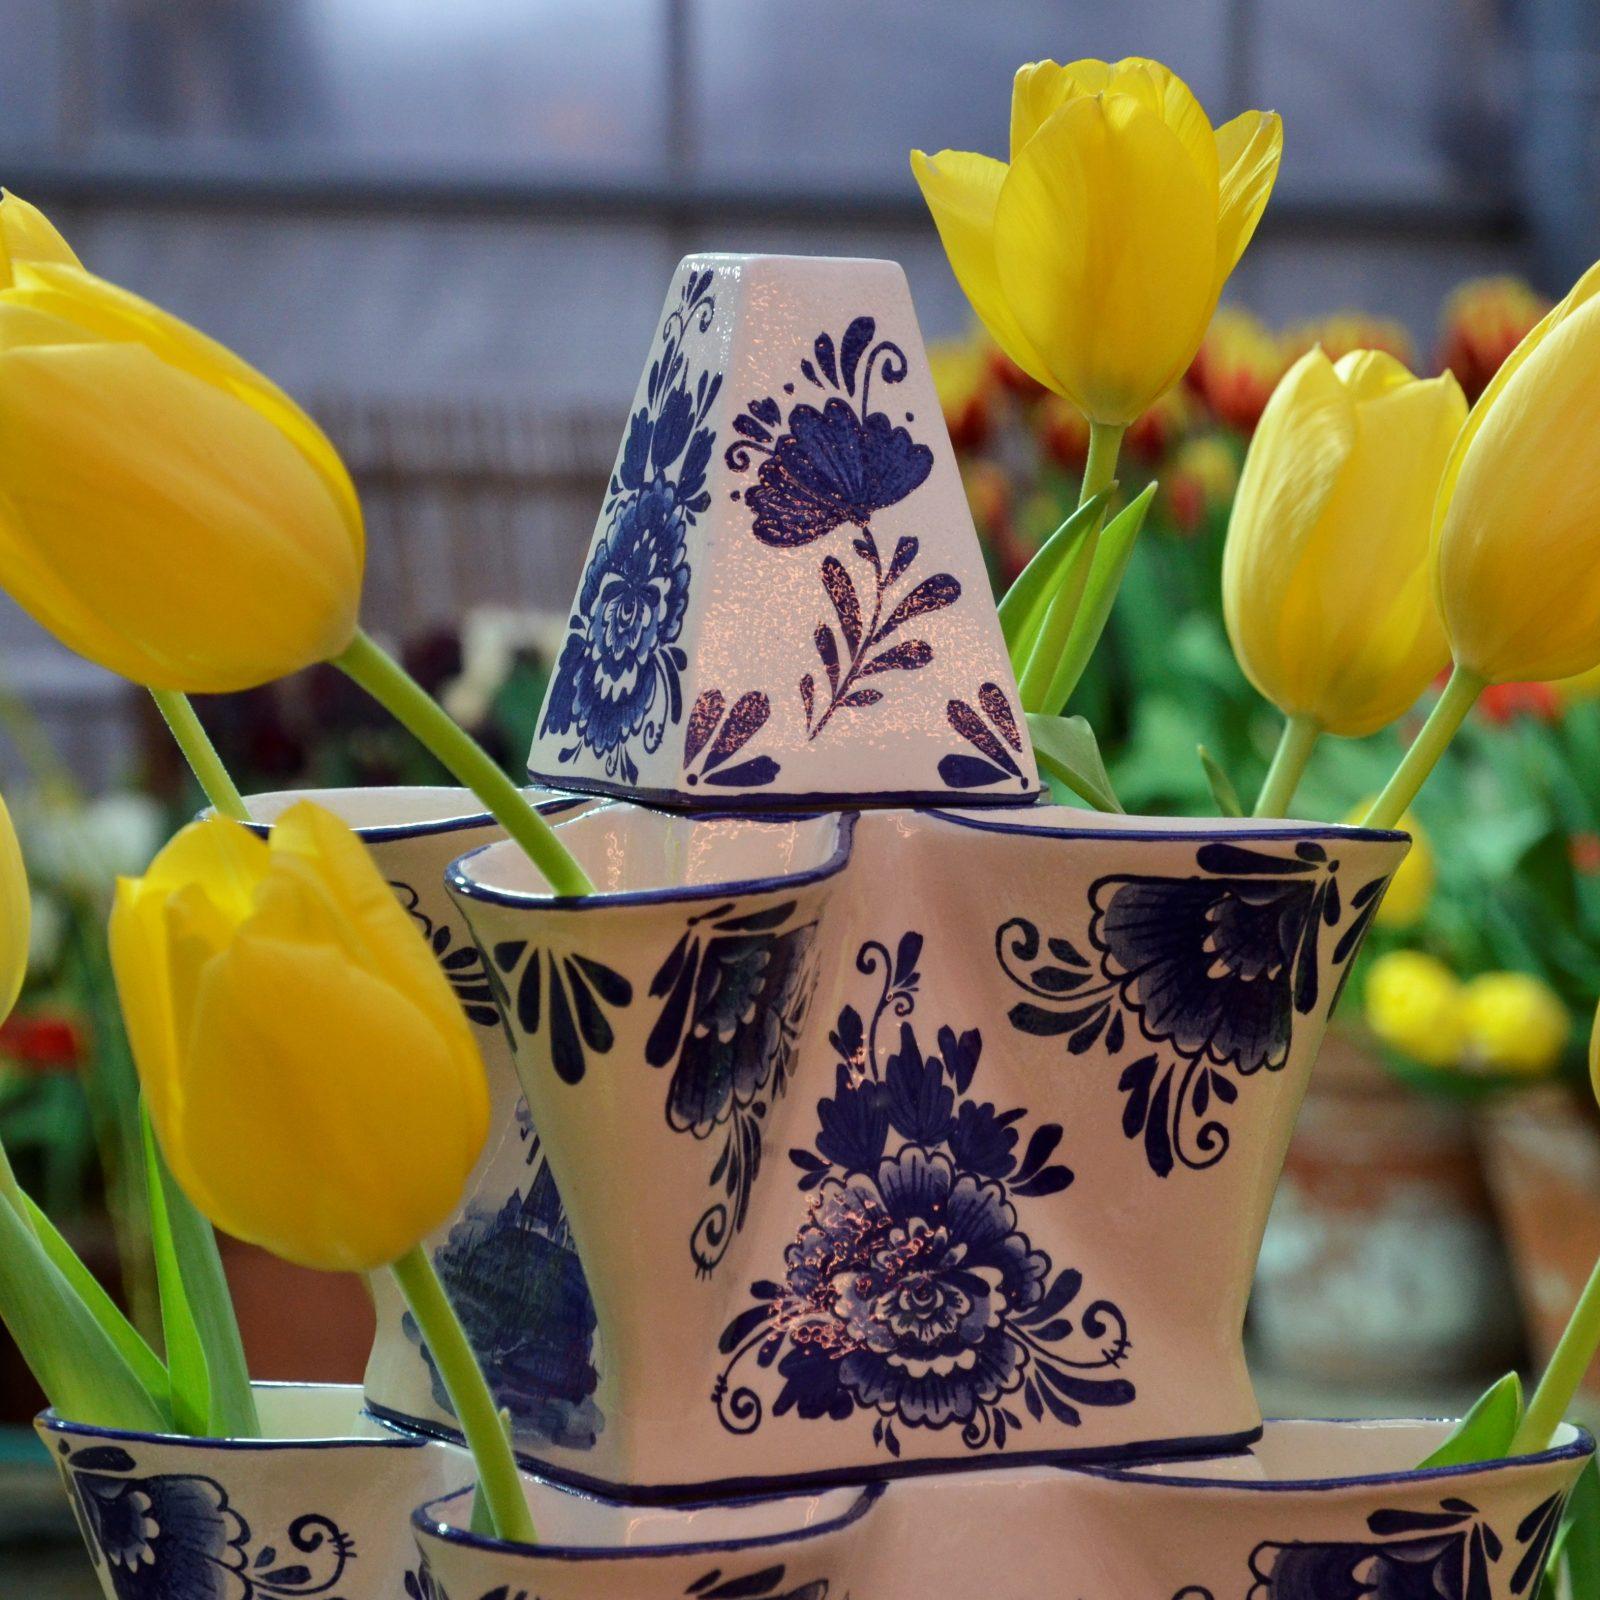 Репродукции делфтского фарфора. У ваз несколько горлышек, что позволяет в каждое из них вставить по одному тюльпану. Фото: Анна Быкова